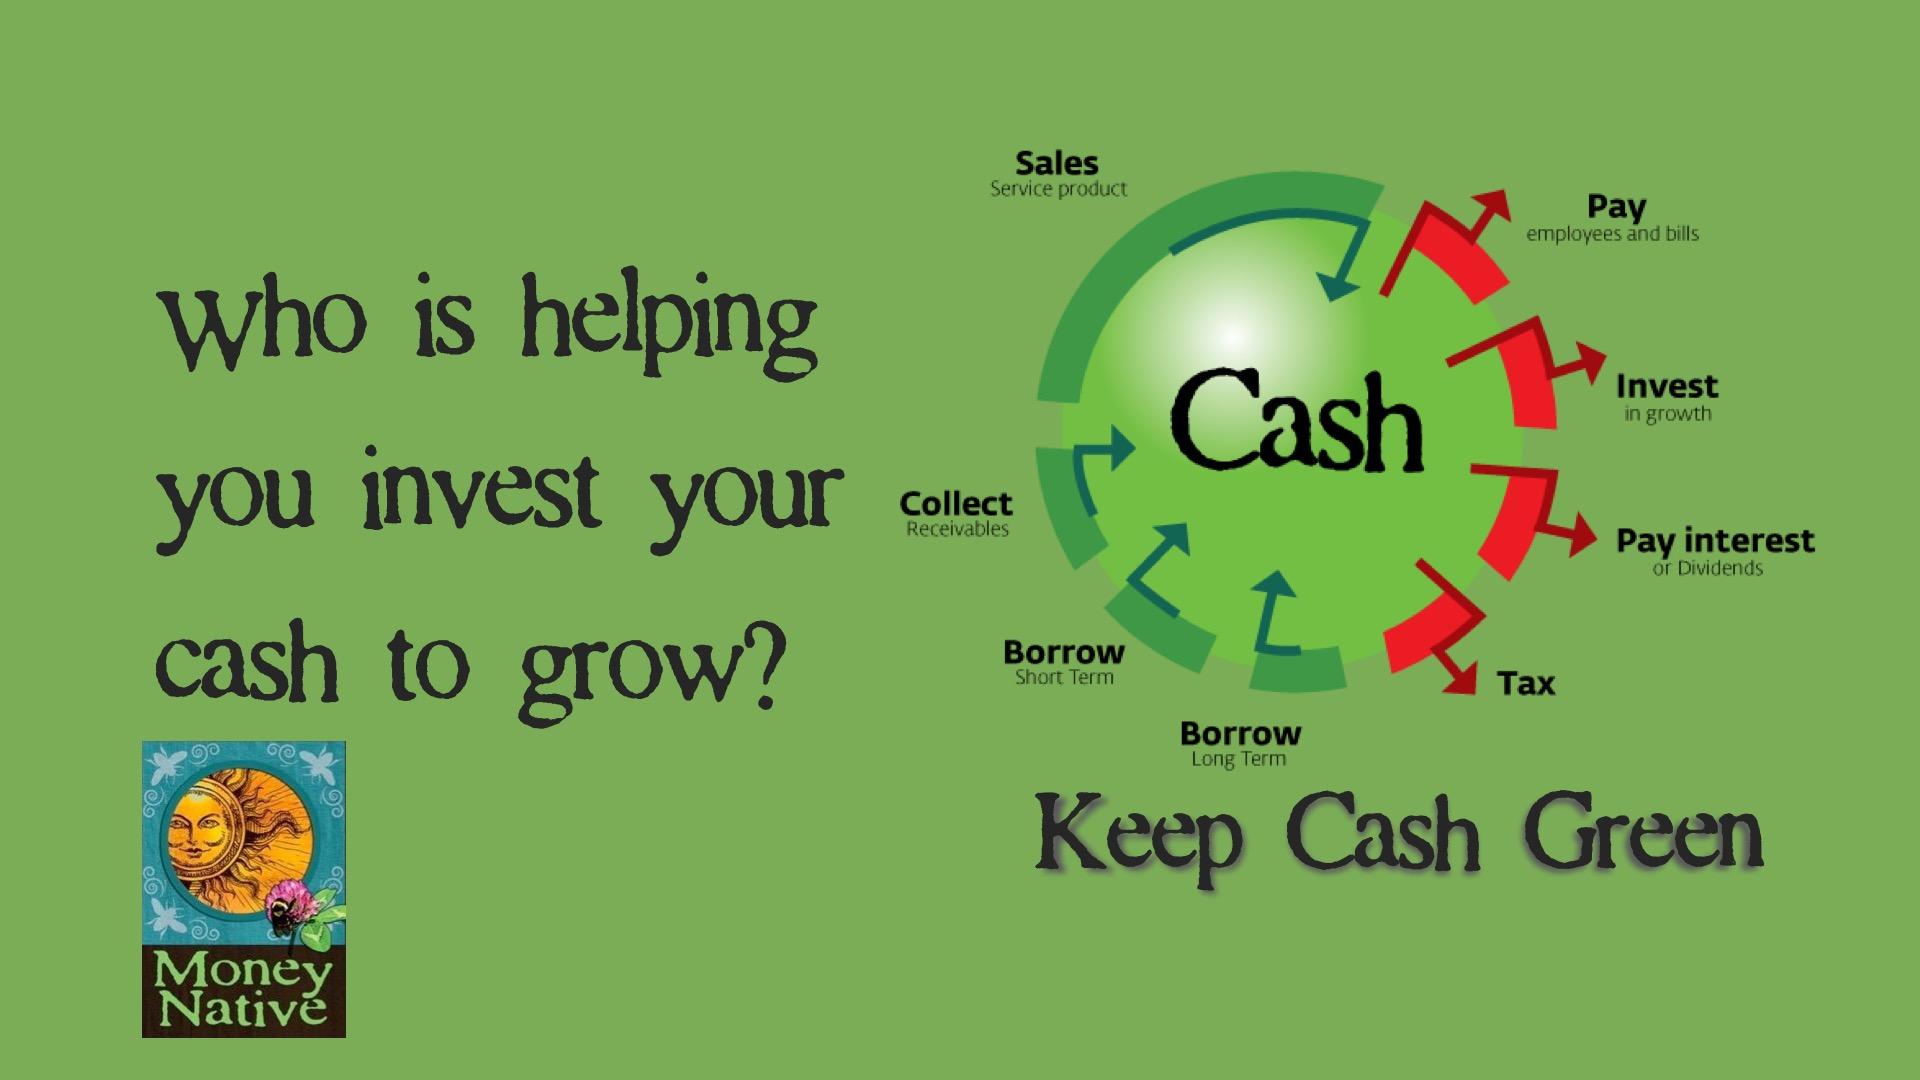 Cash Green